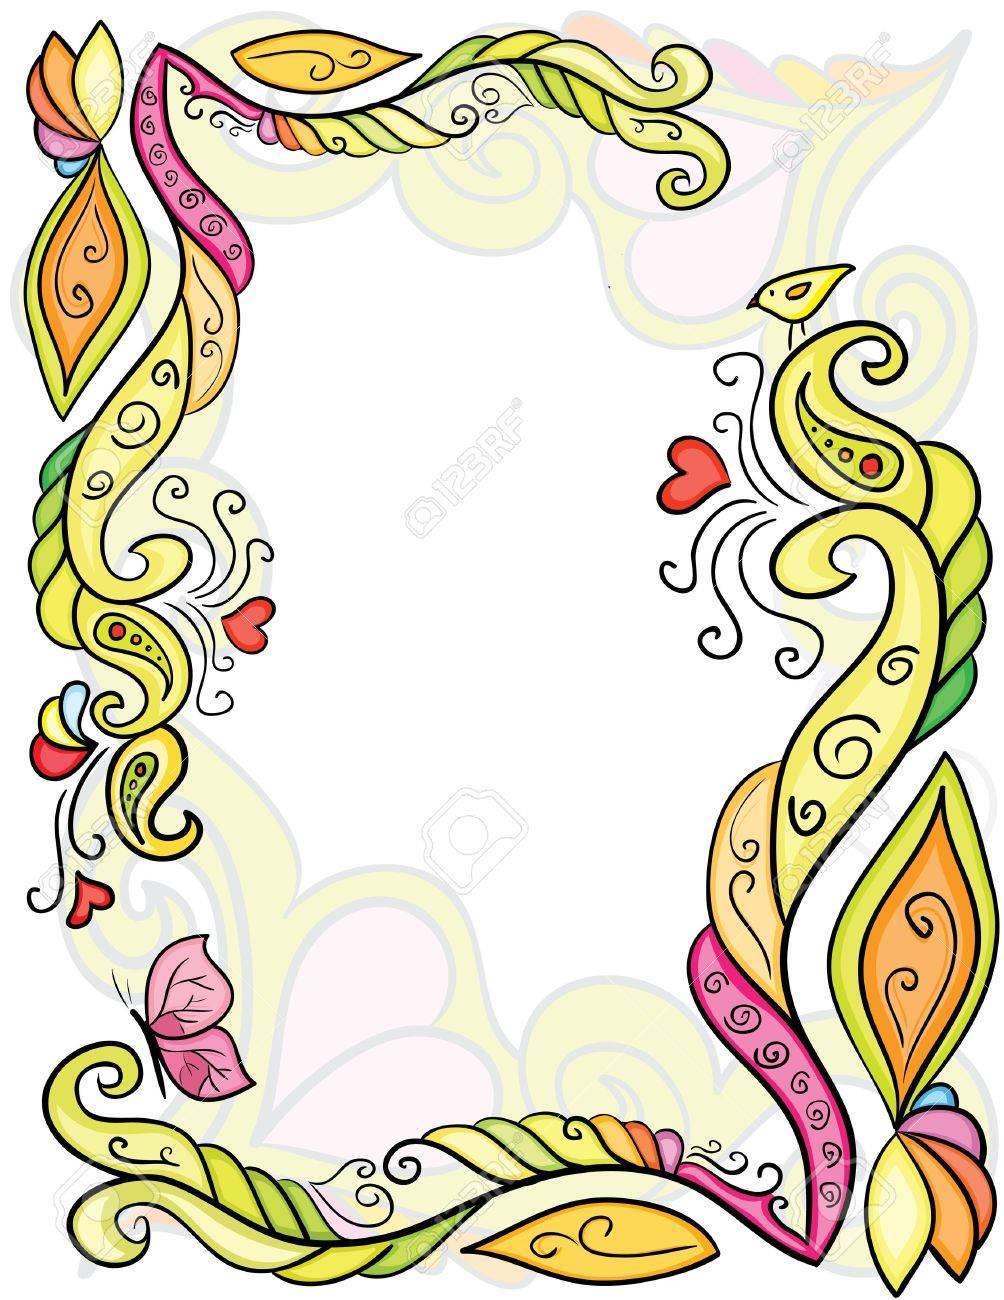 Banque dimages , Motif de fleur de couleur pour beau design